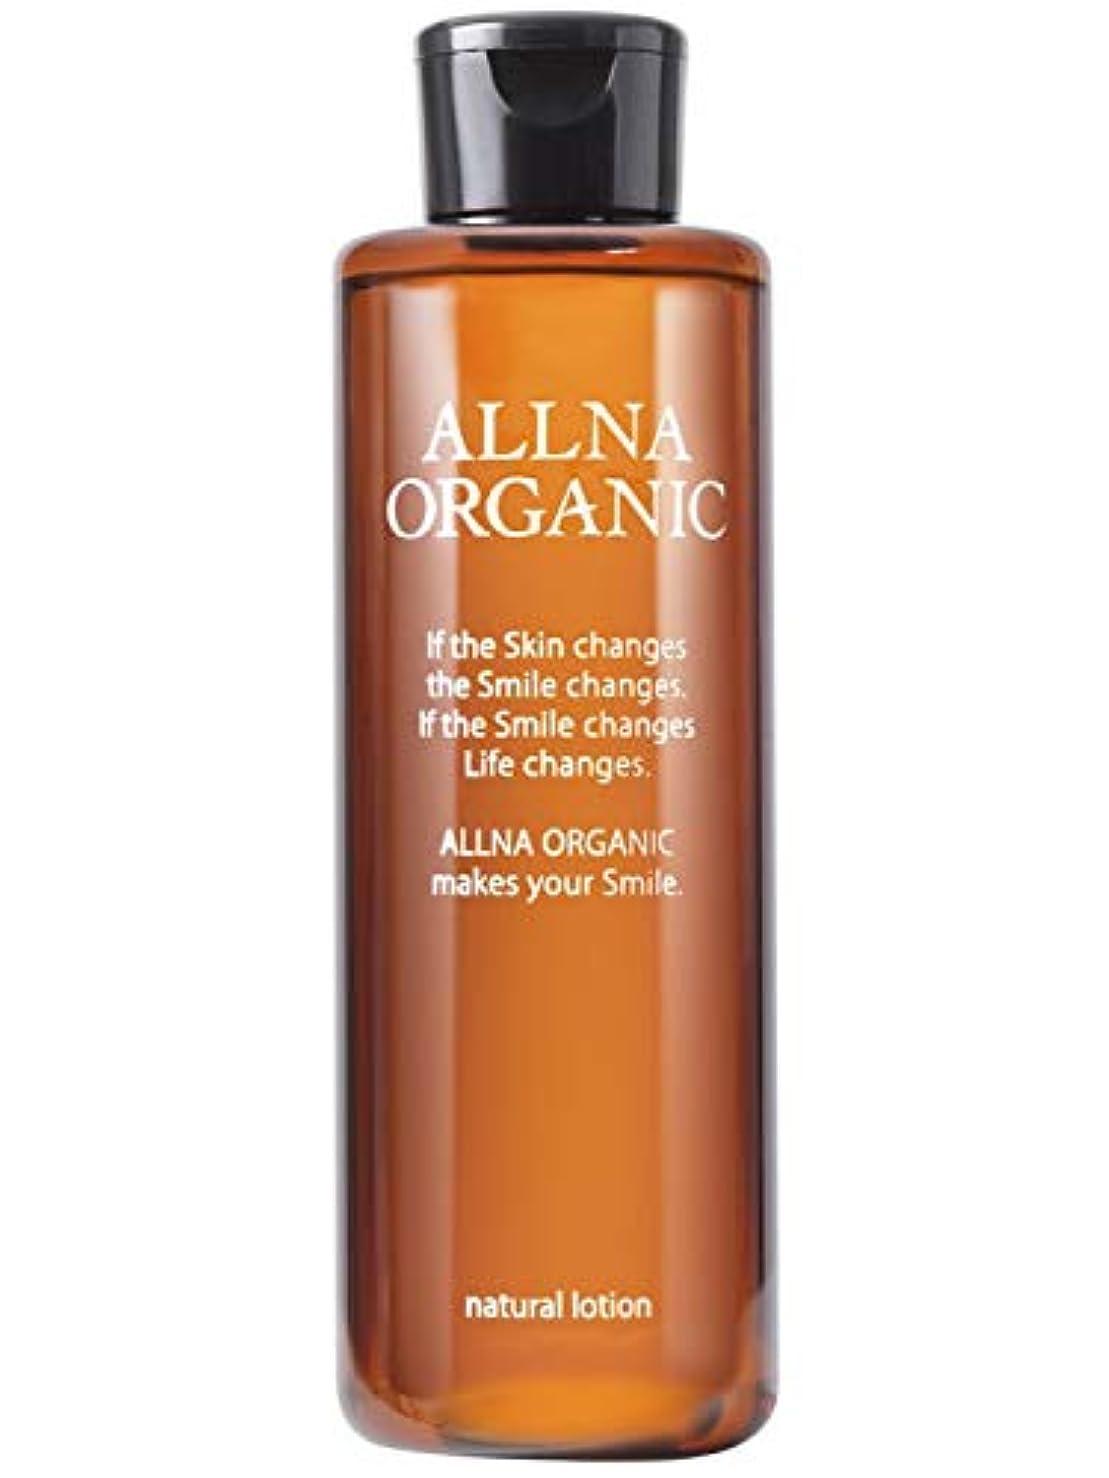 案件森林蘇生するオルナ オーガニック 化粧水 「 保湿 乾燥 かさつき 用」「 コラーゲン ビタミンC誘導体 ヒアルロン酸 セラミド 配合」200ml